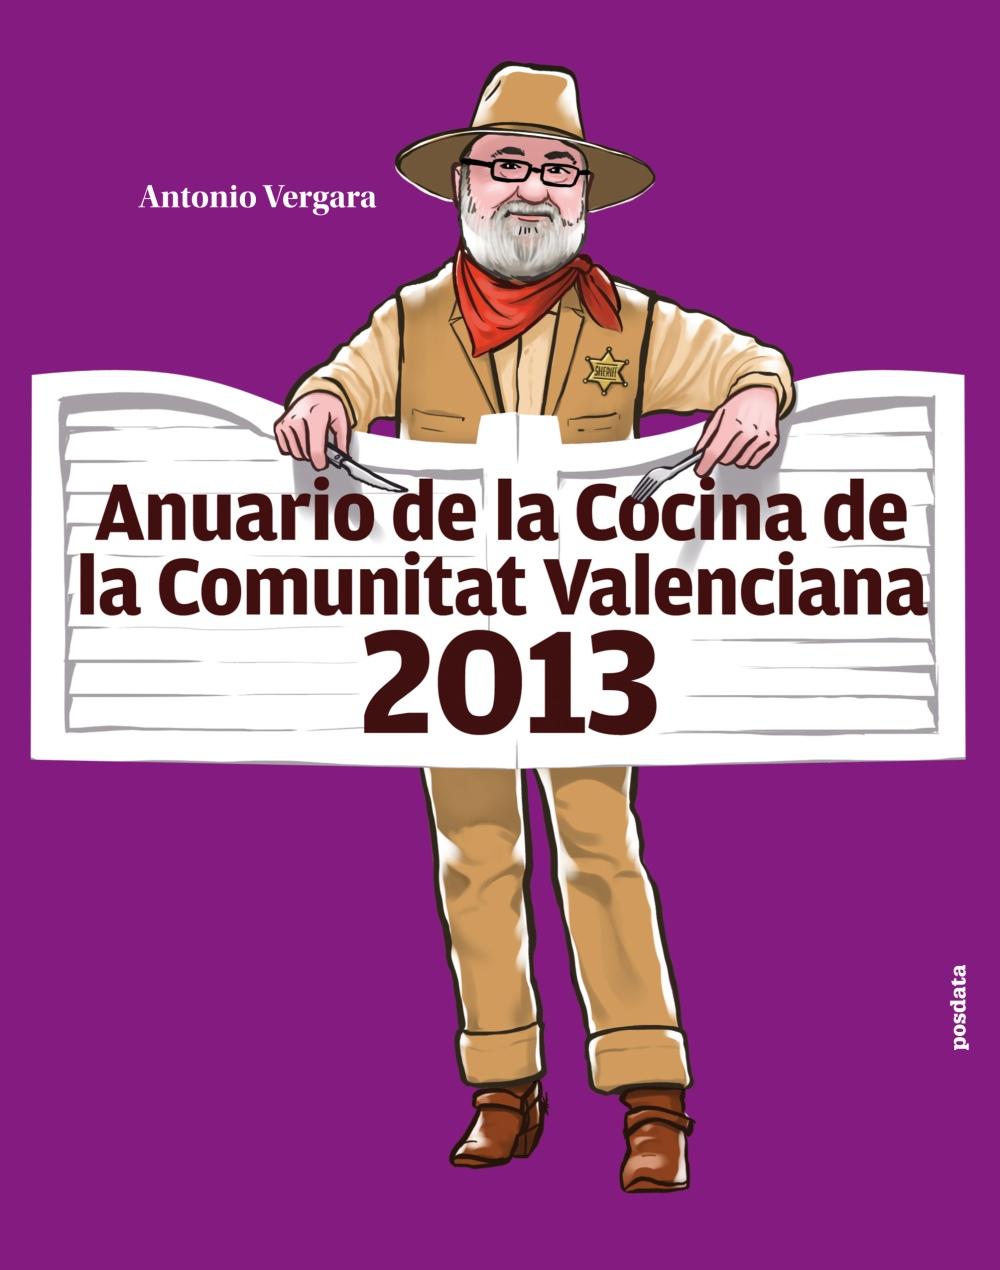 Portada Anuario 2013 a.jpg